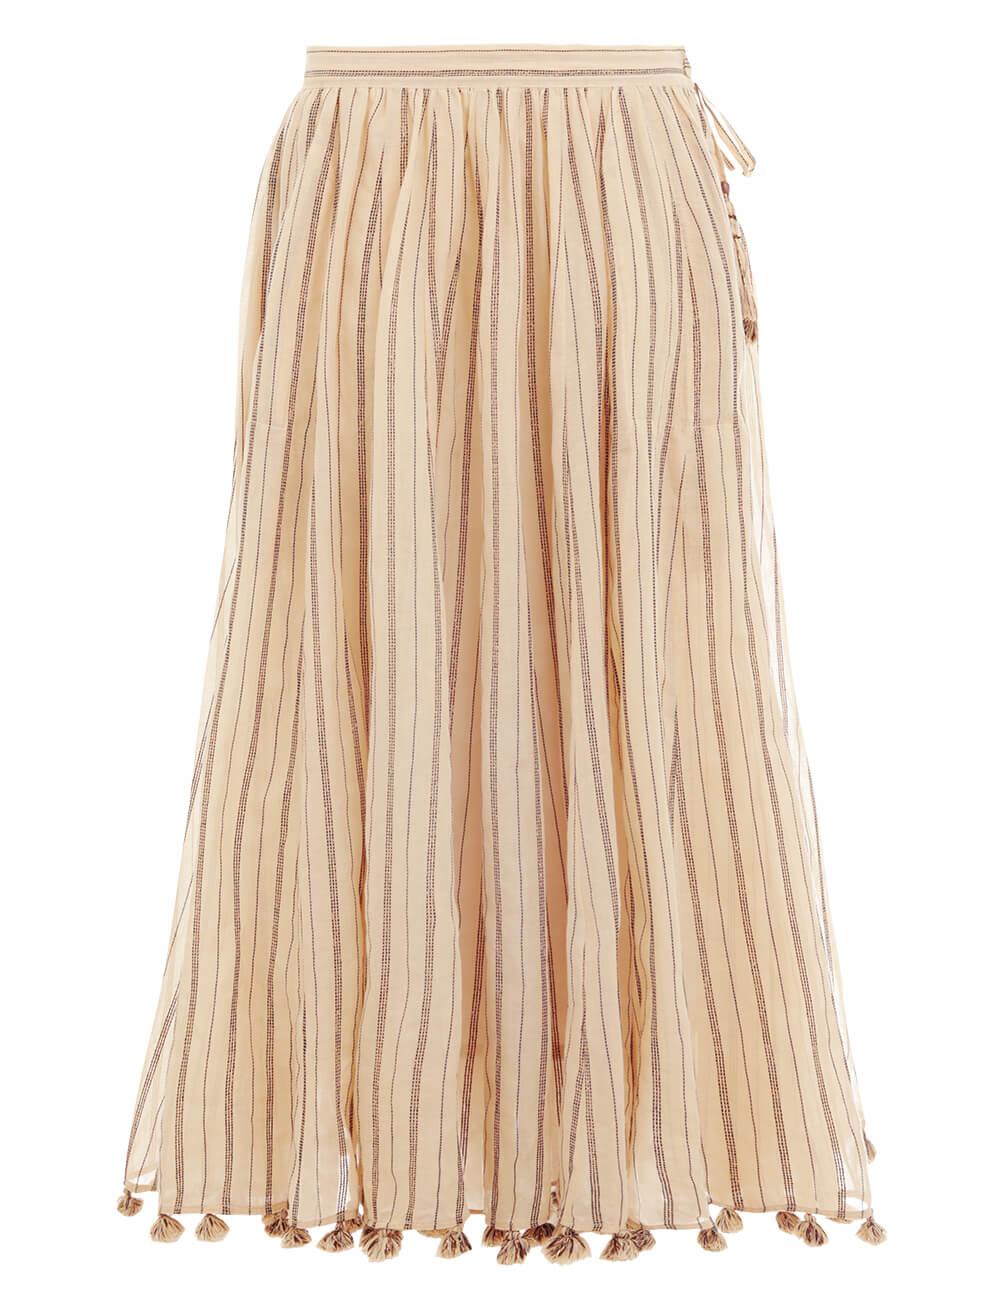 Suraya Draw Flare Skirt